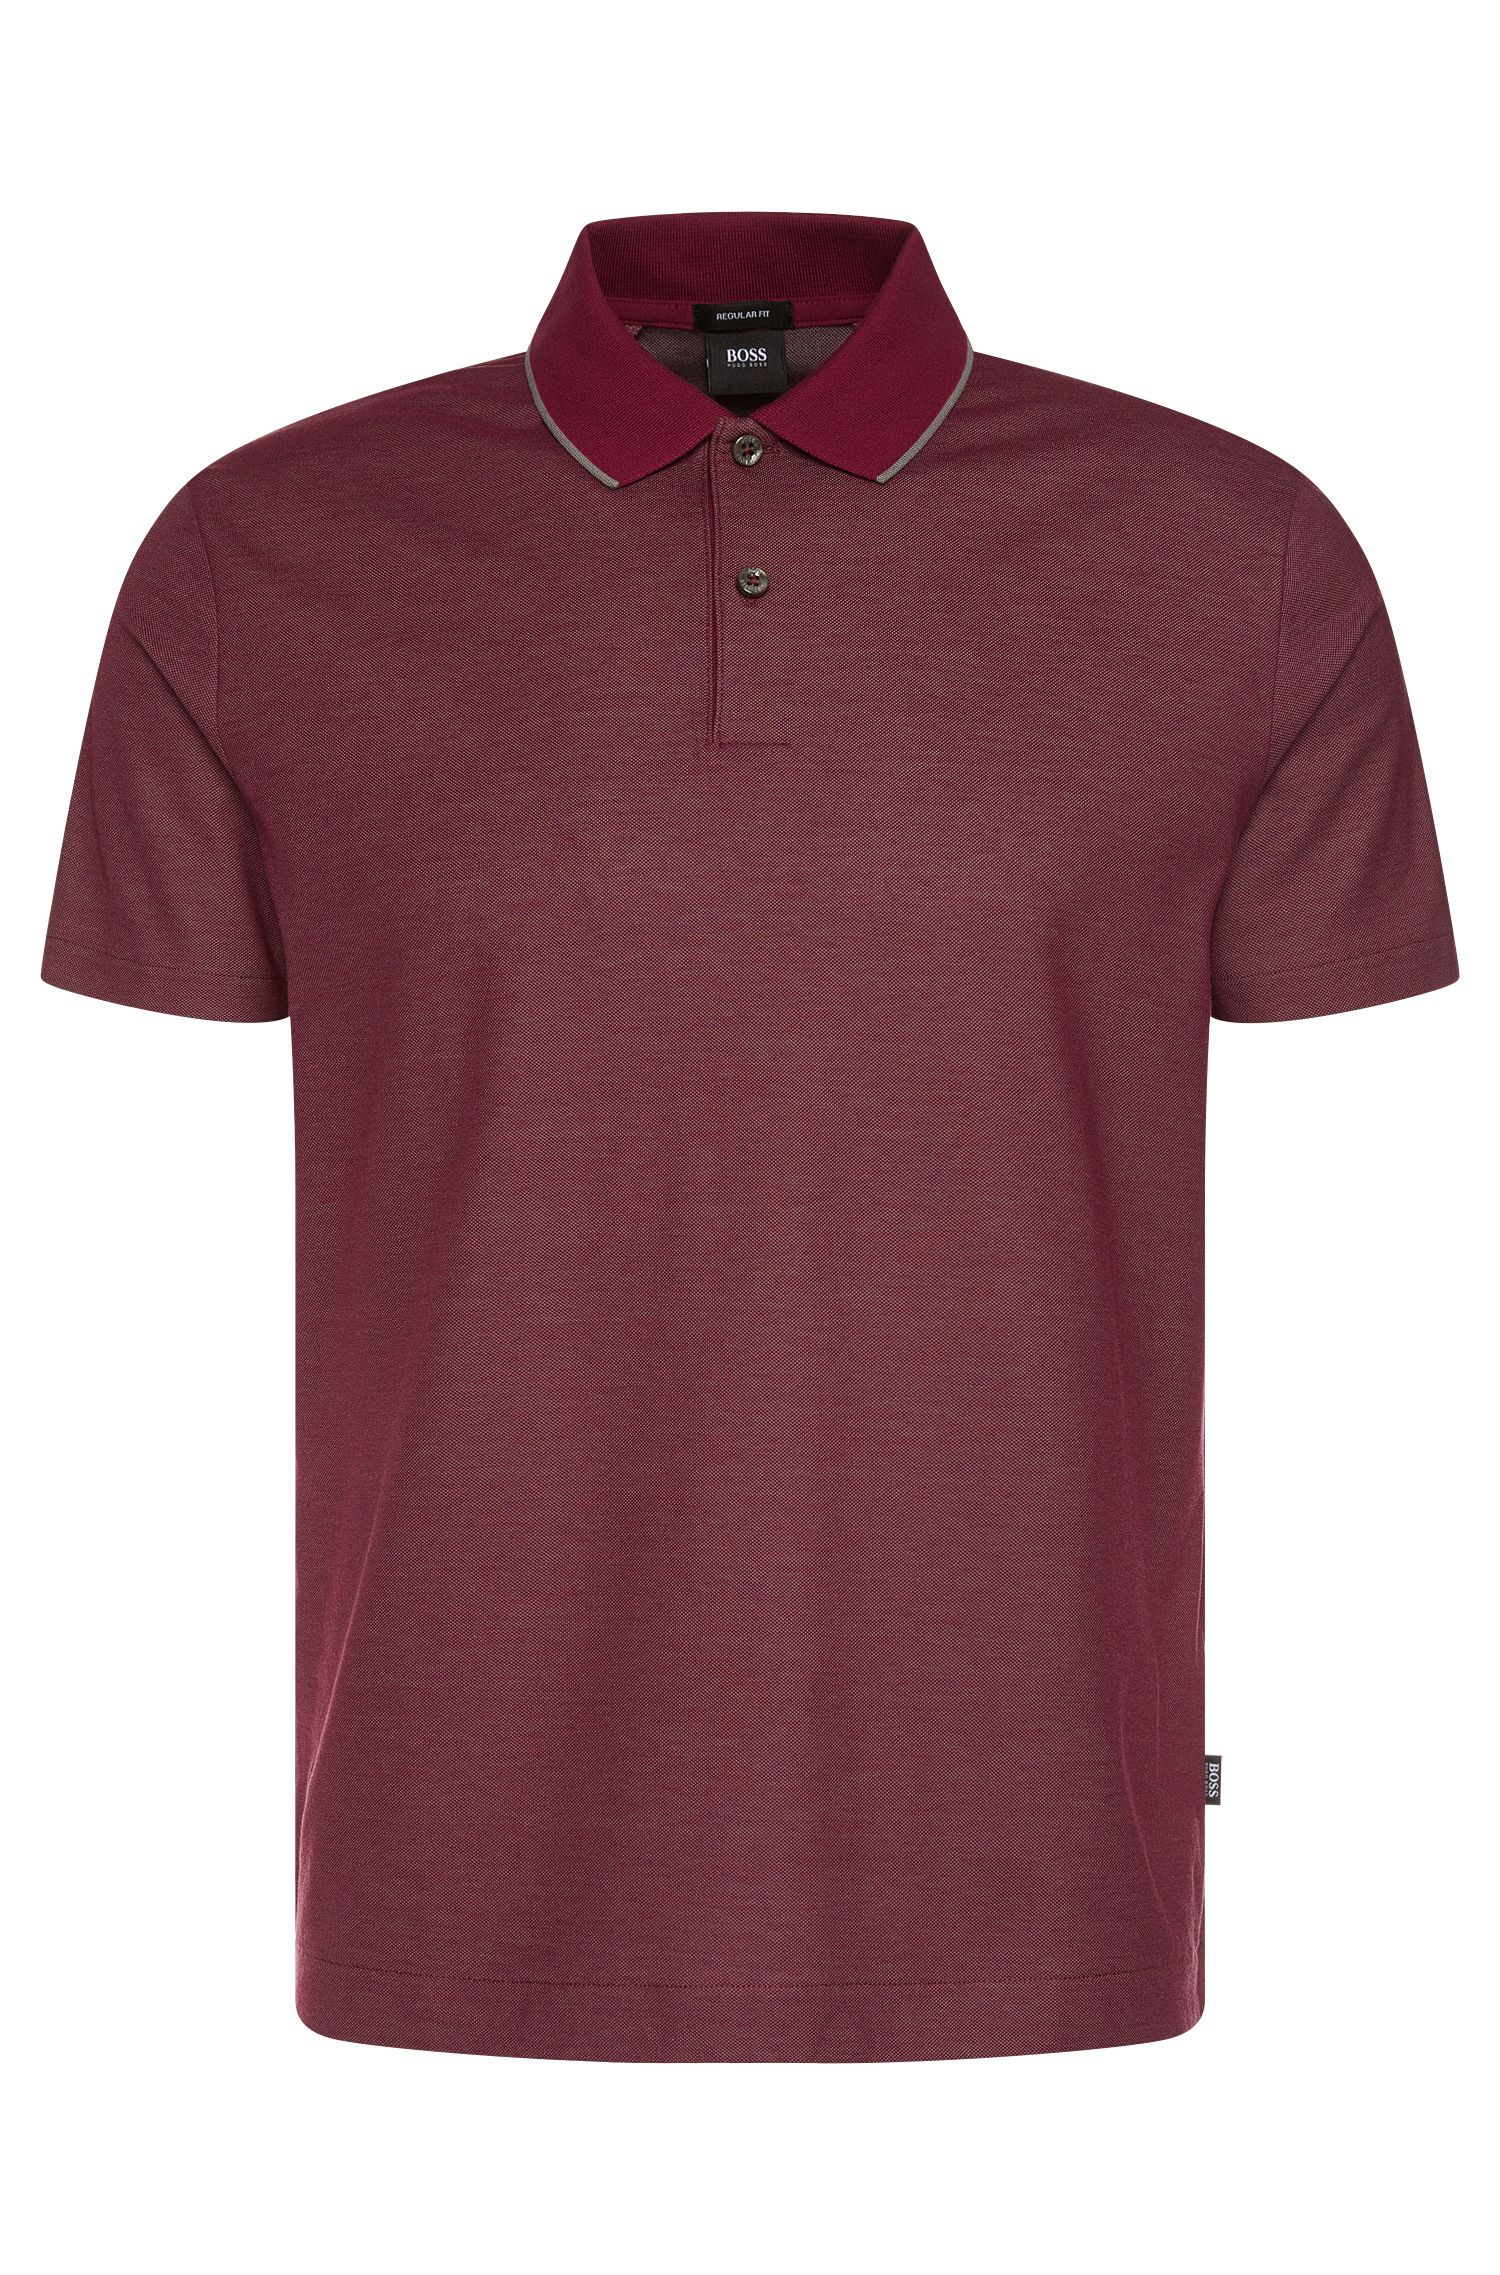 Regular-Fit Poloshirt aus Baumwolle mit Kontrast-Kragen: 'Piket 06'